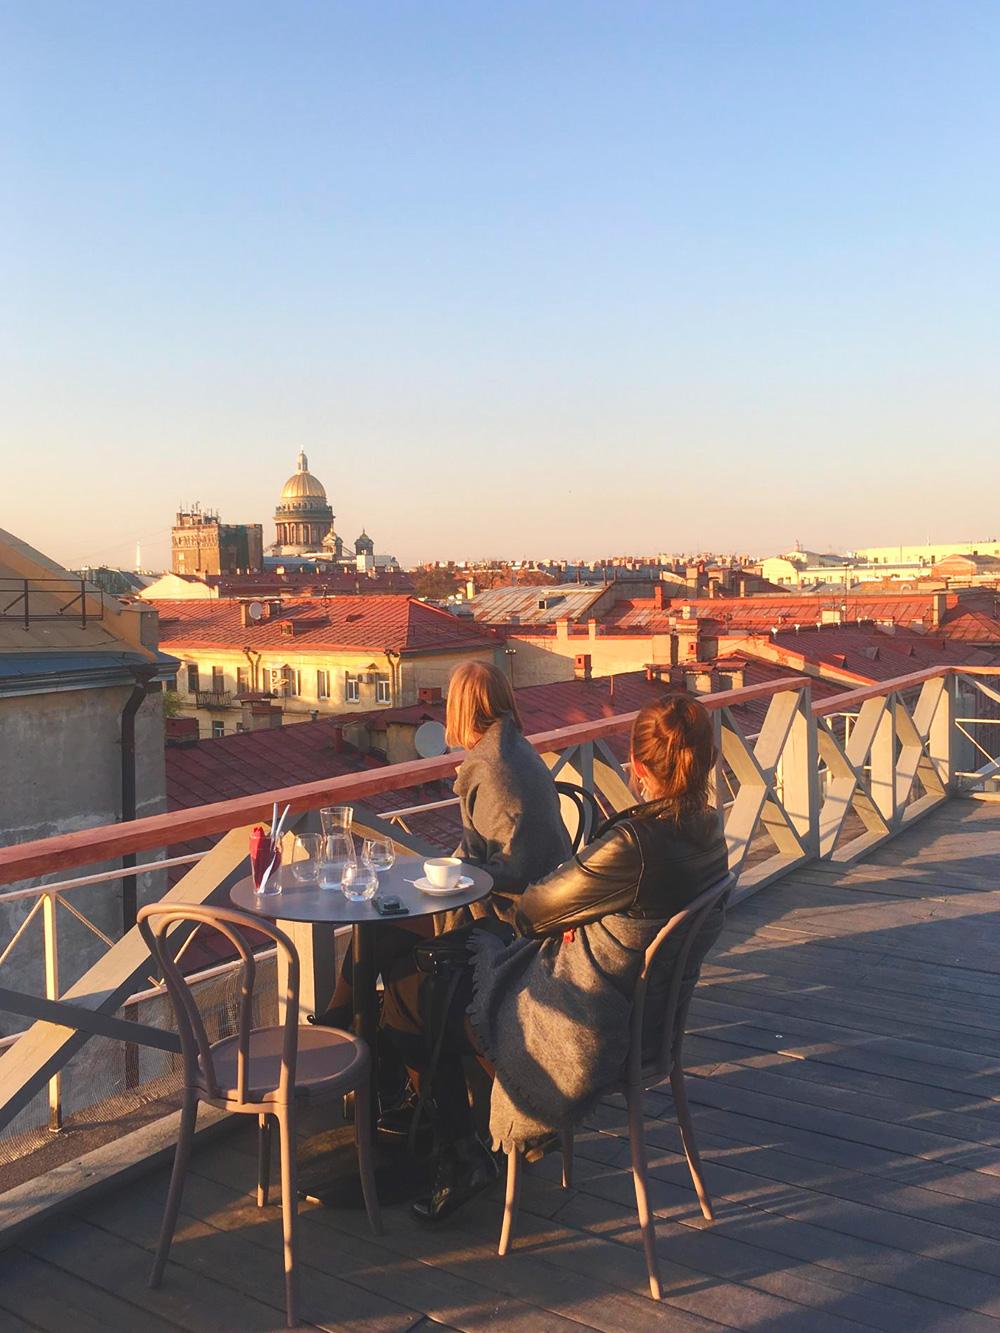 В центре города террасы на крыше с видом в основном принадлежат дорогим ресторанам и отелям, поэтому «Небо и вино» — ценный адрес